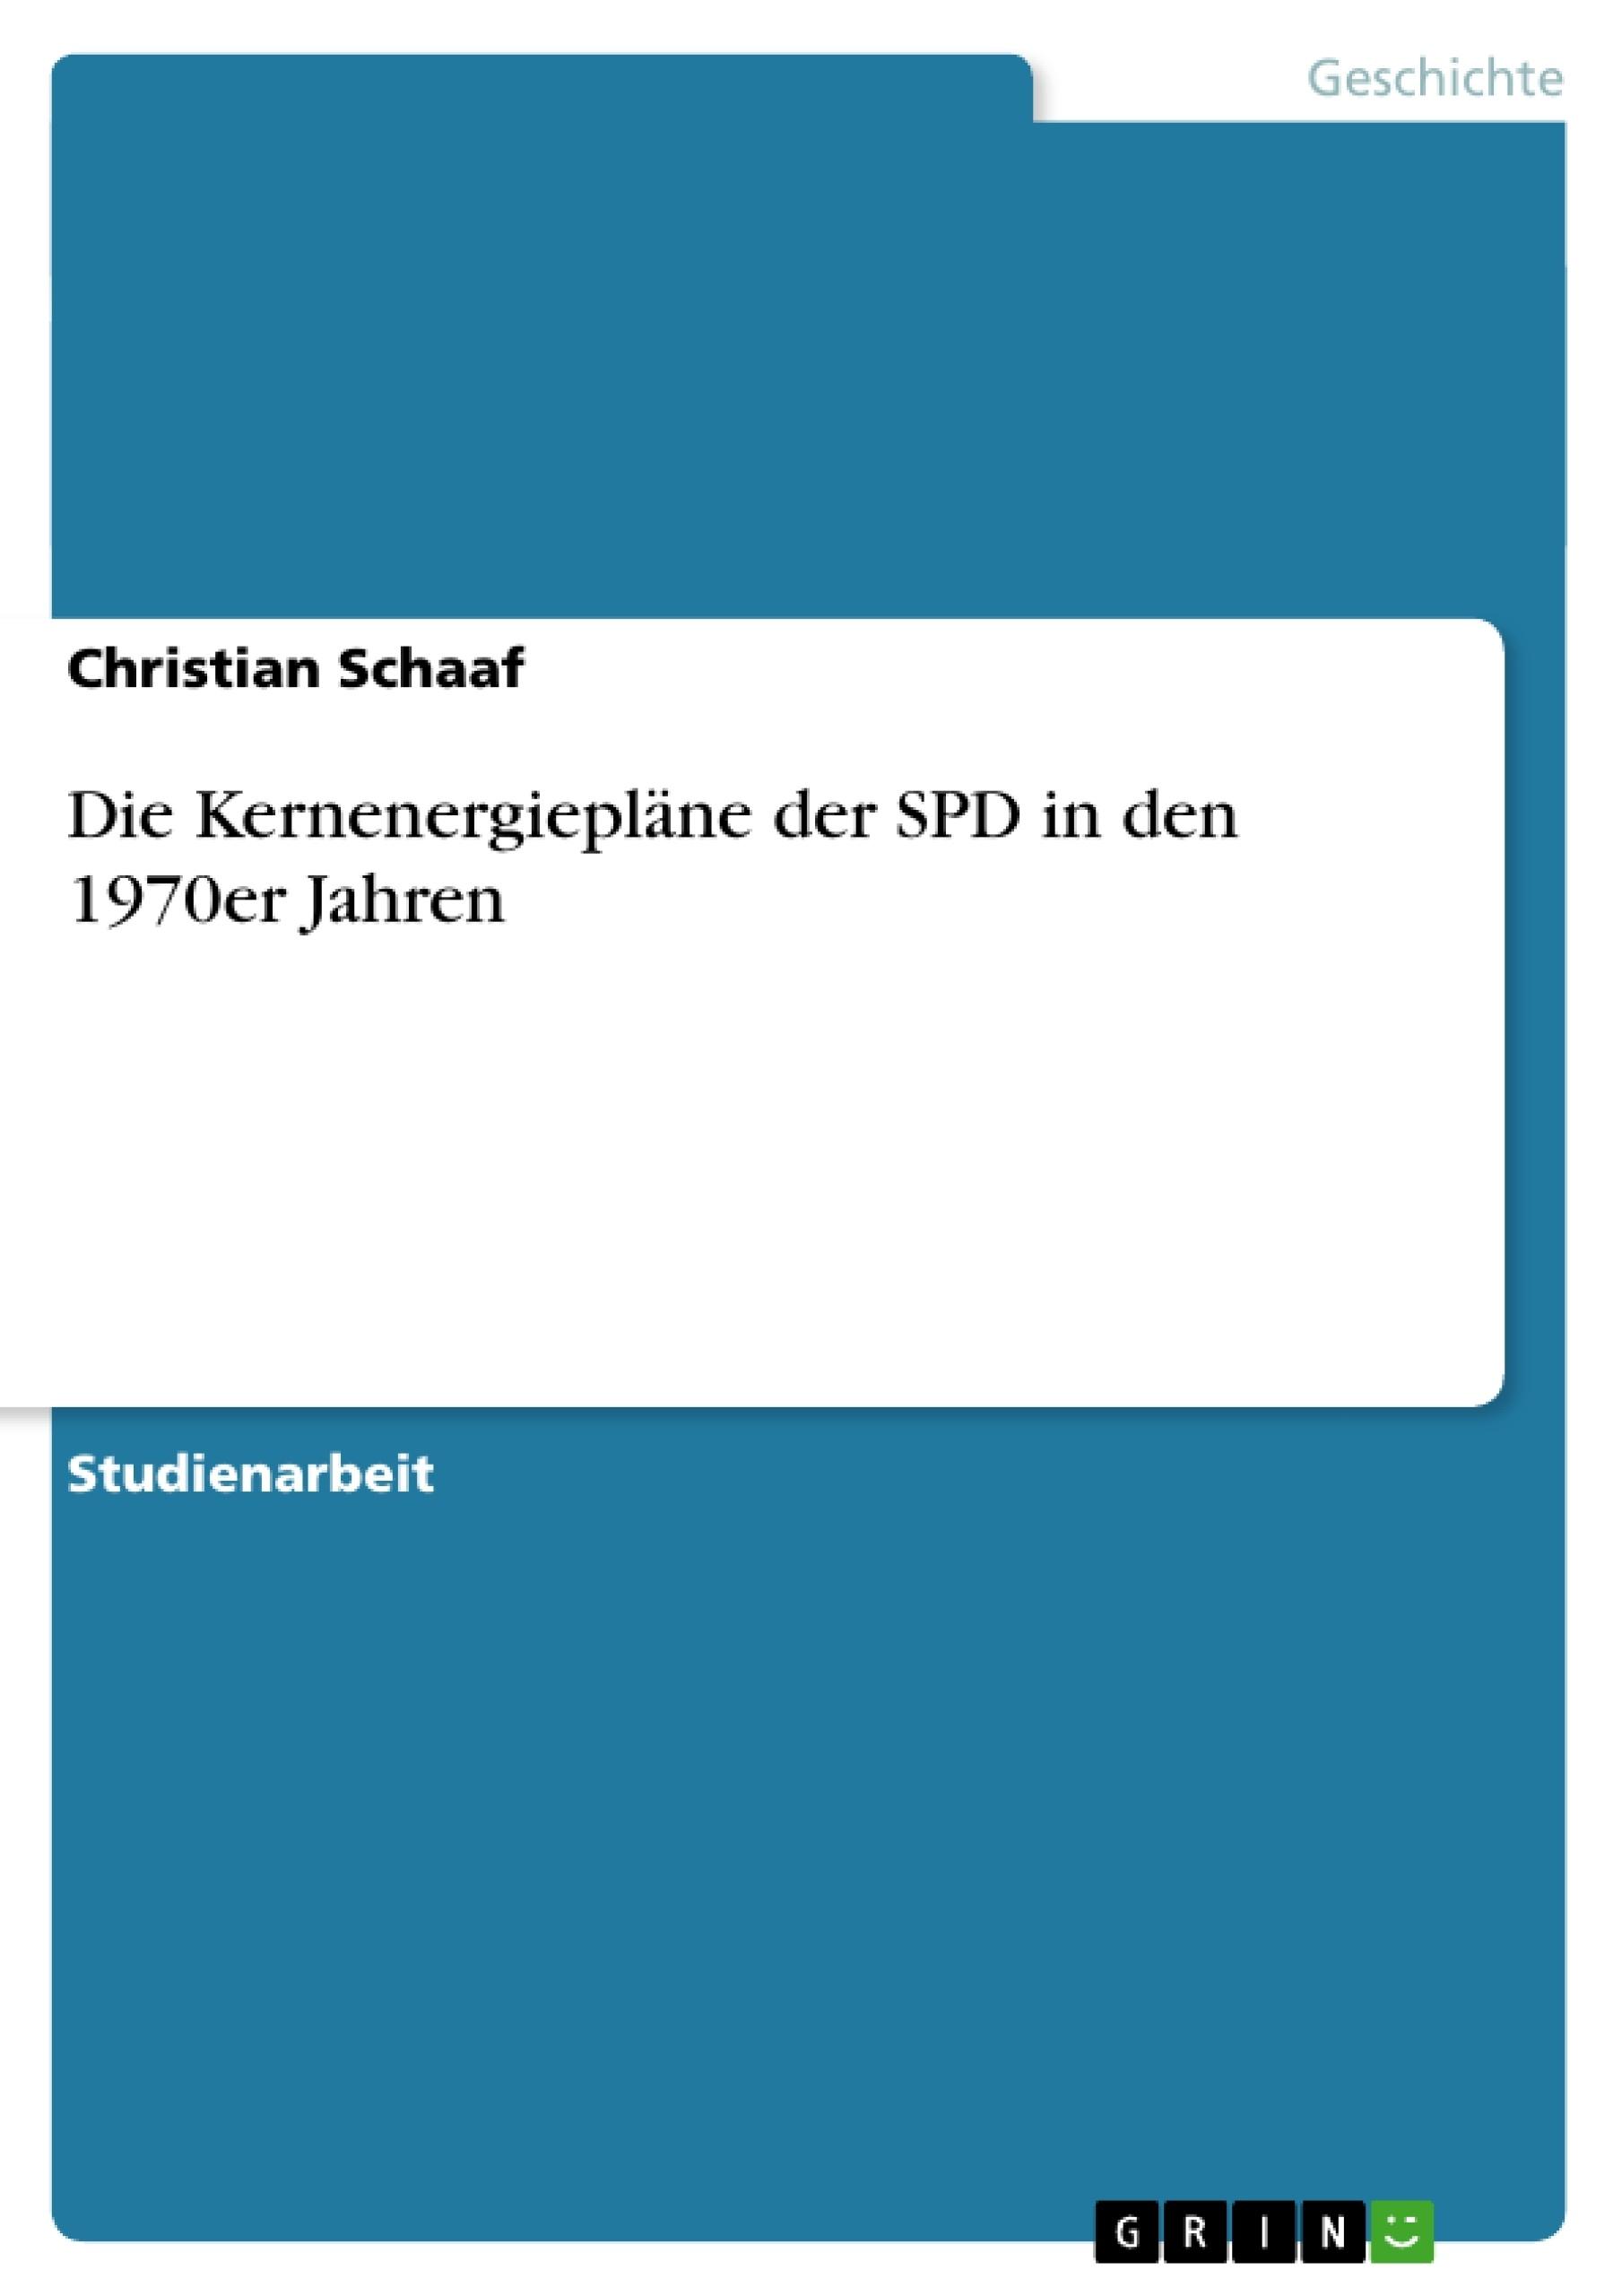 Titel: Die Kernenergiepläne der SPD in den 1970er Jahren